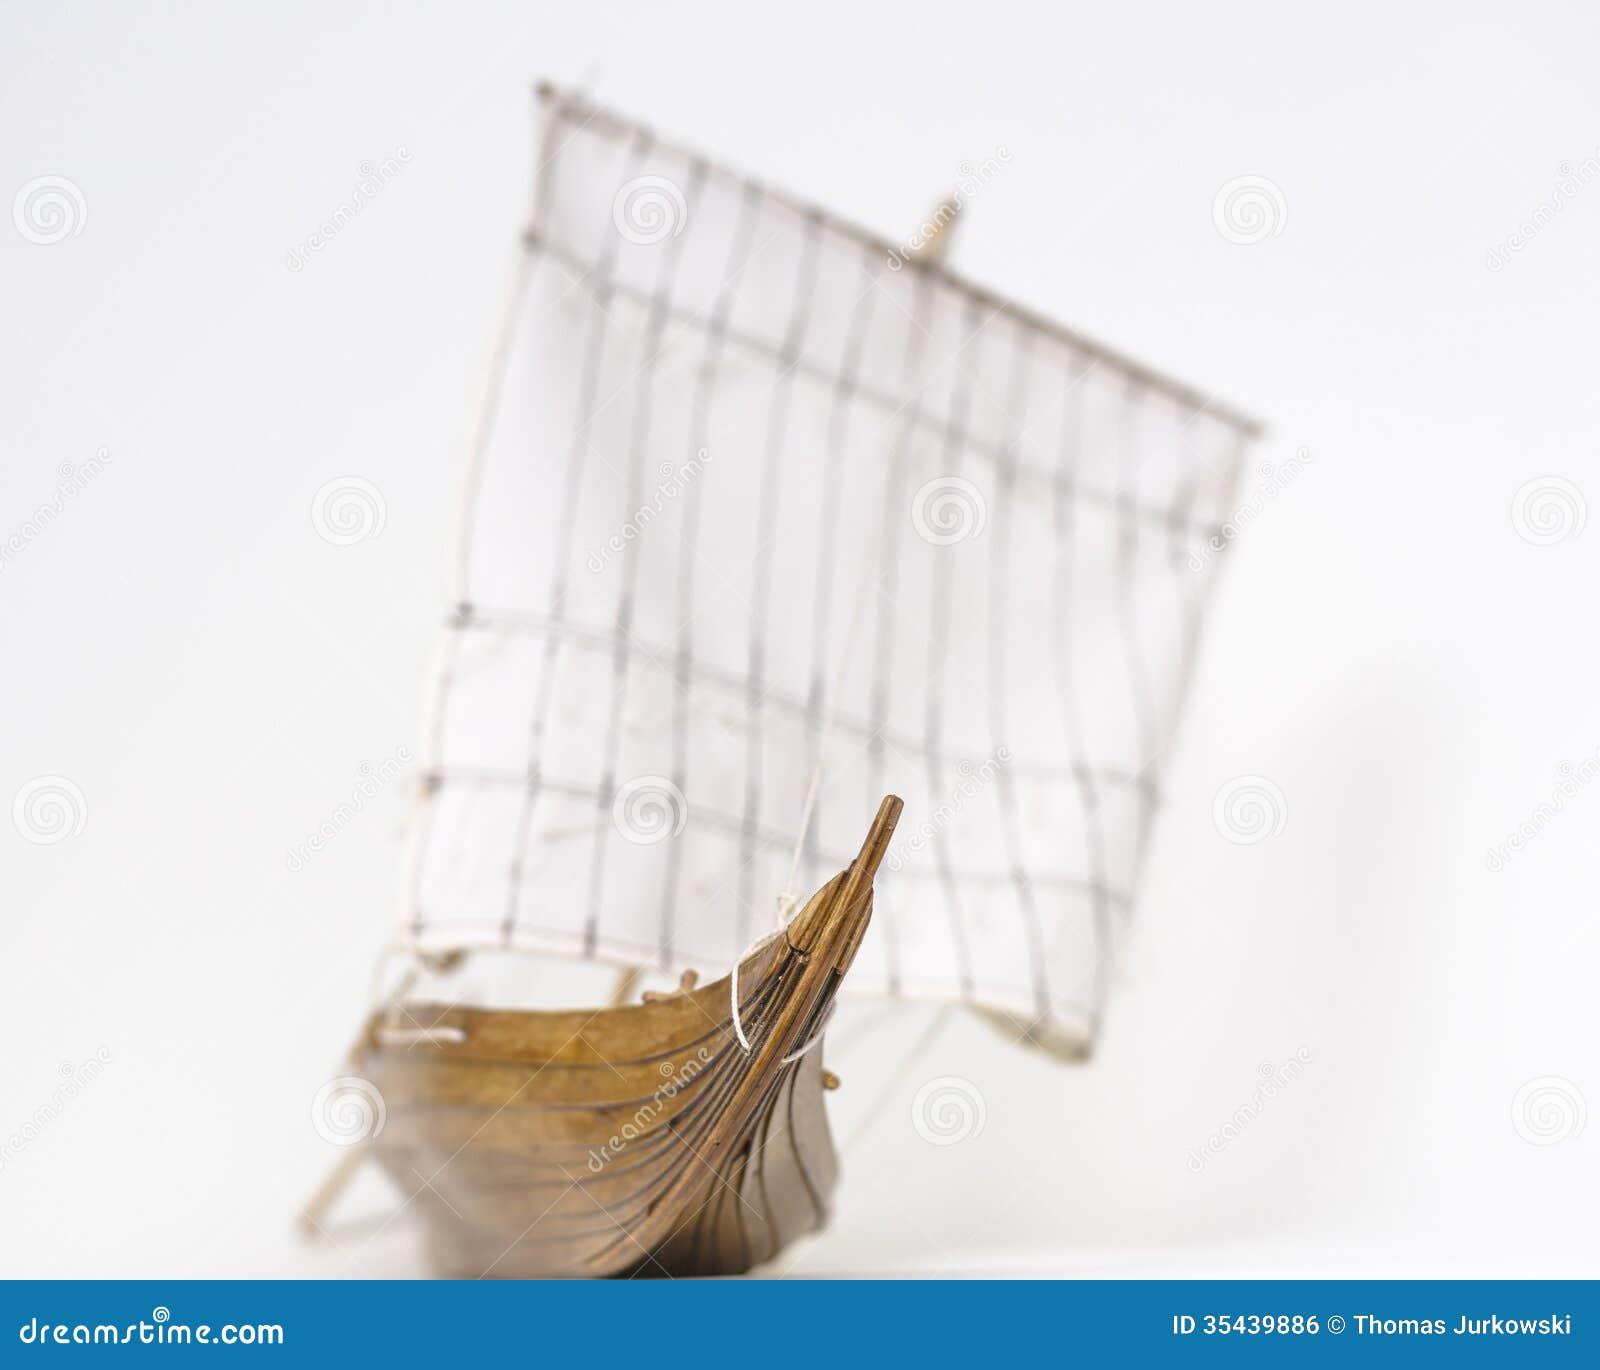 Viking Boat Model Royalty Free Stock Image - Image: 35439886